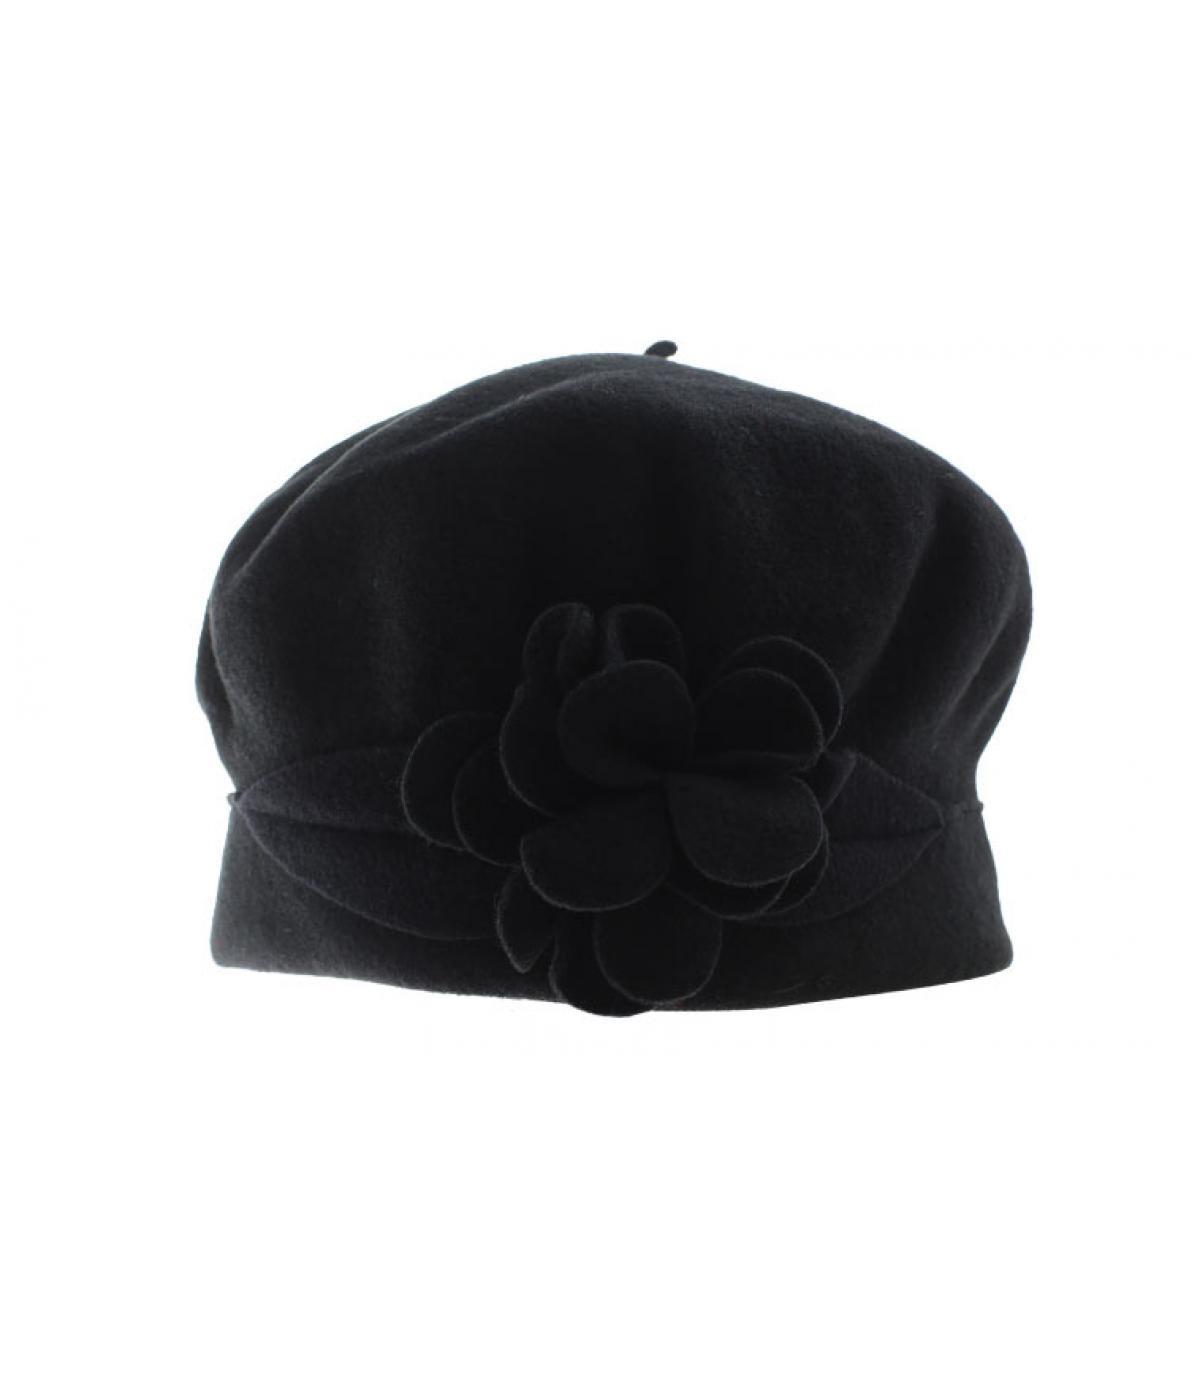 Détails Capucine noir - image 2